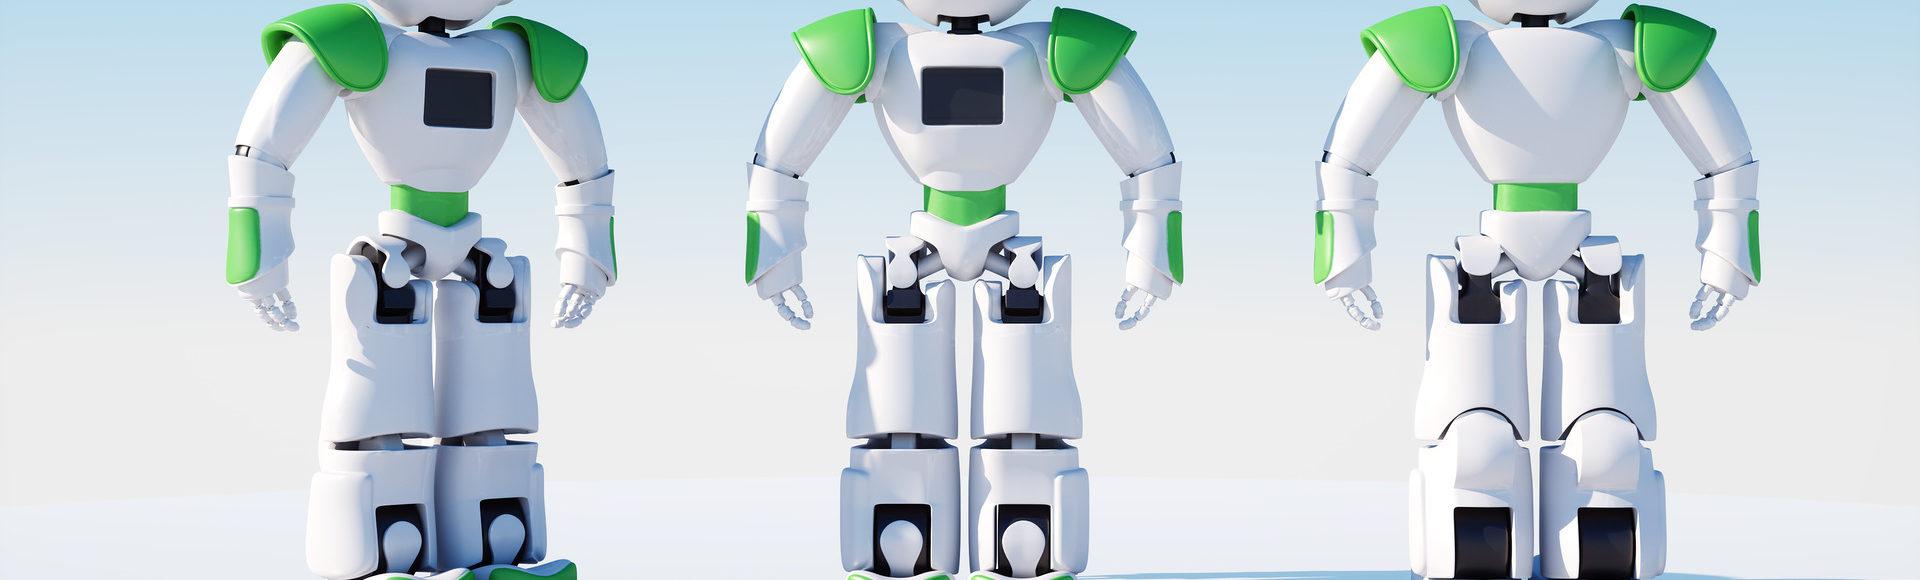 Mascotte Robot